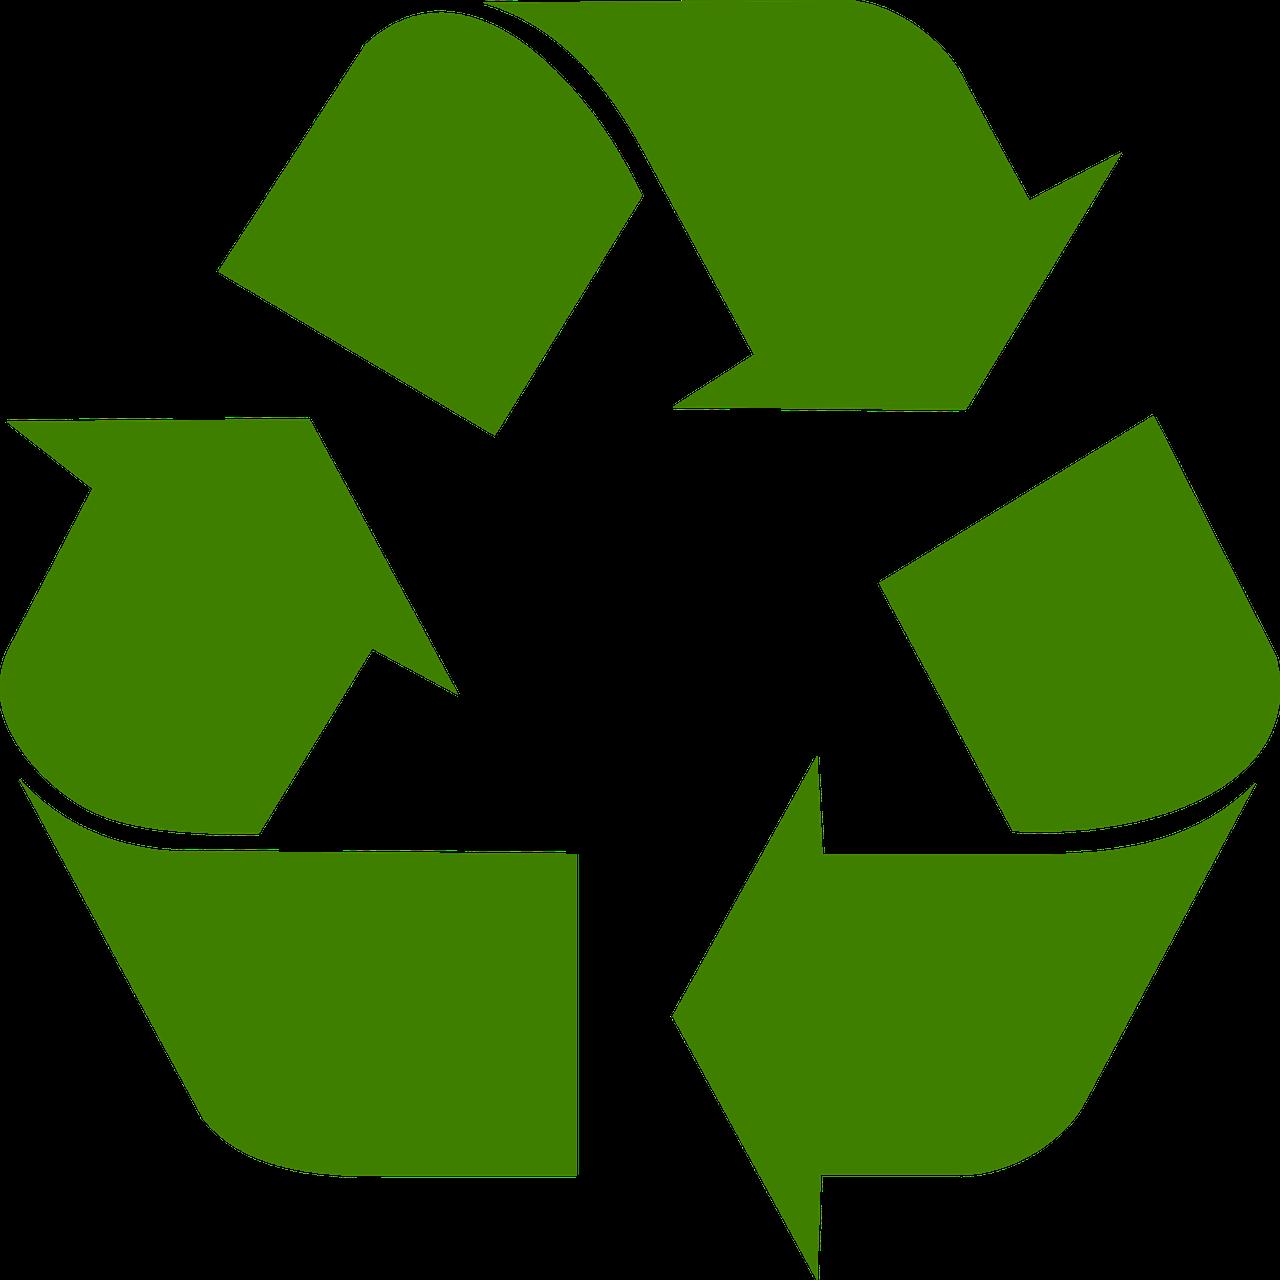 recyclage-pixabay